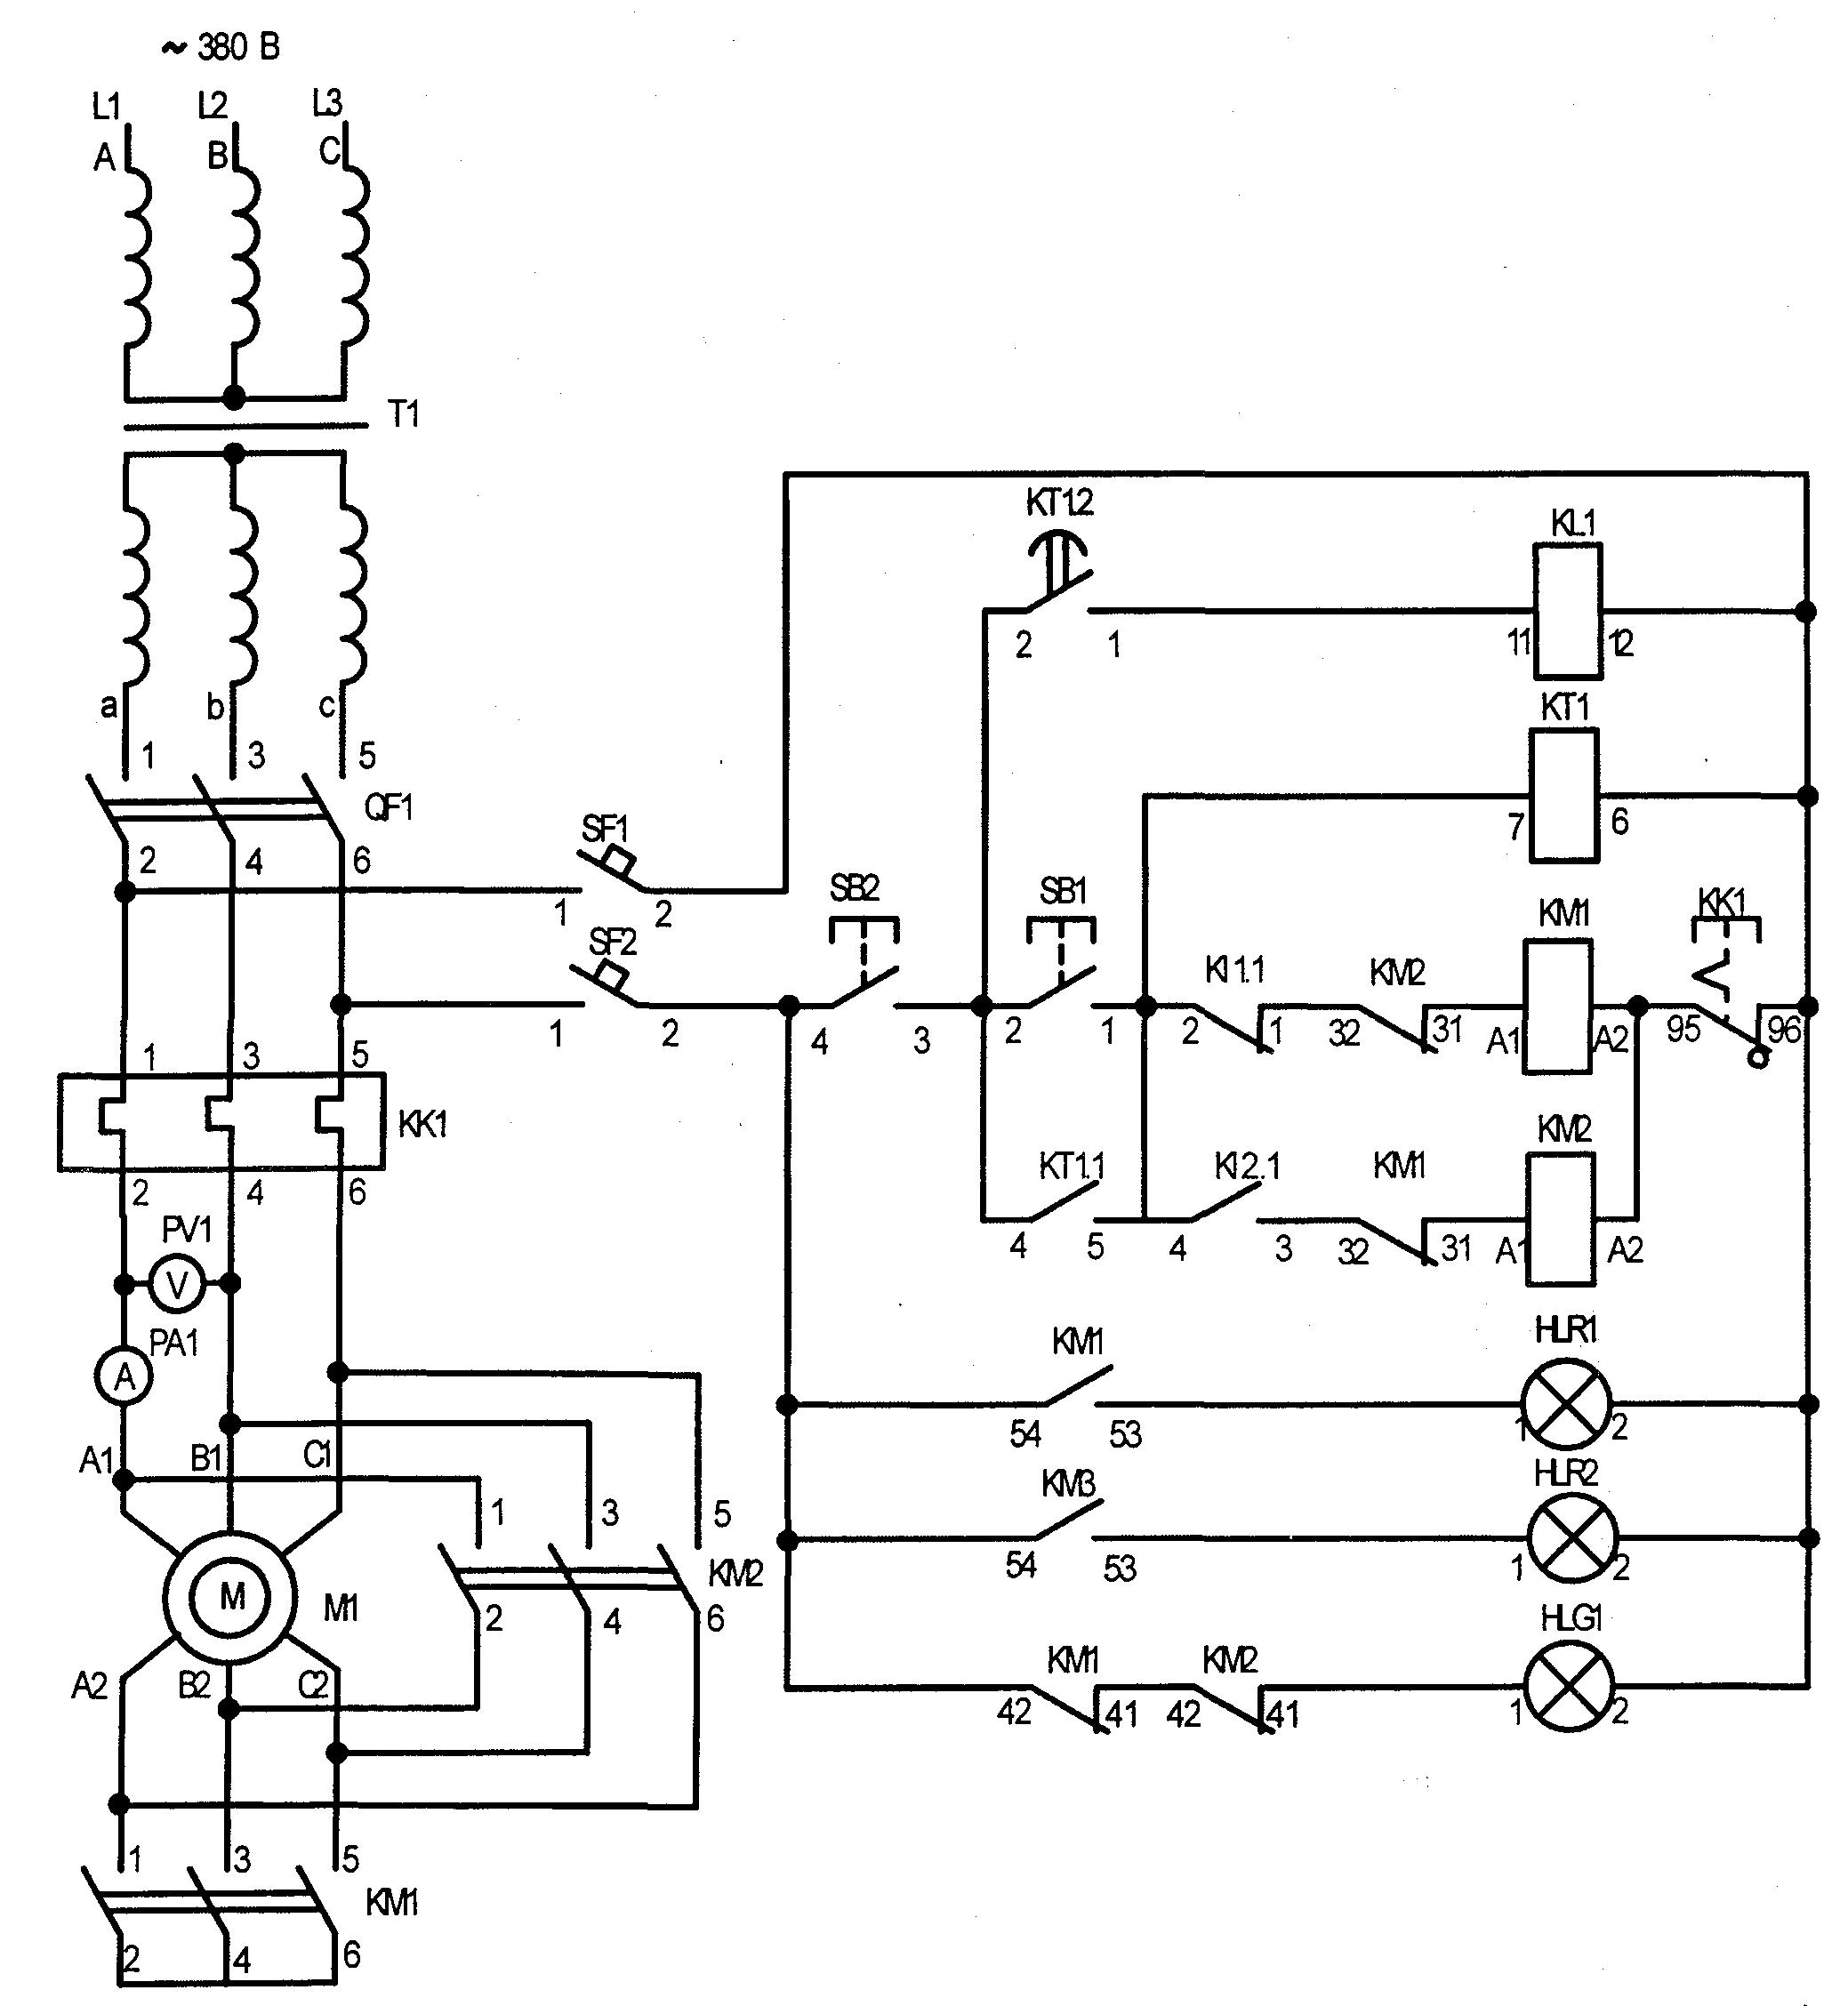 принципиальная схема кнопочного поста 380